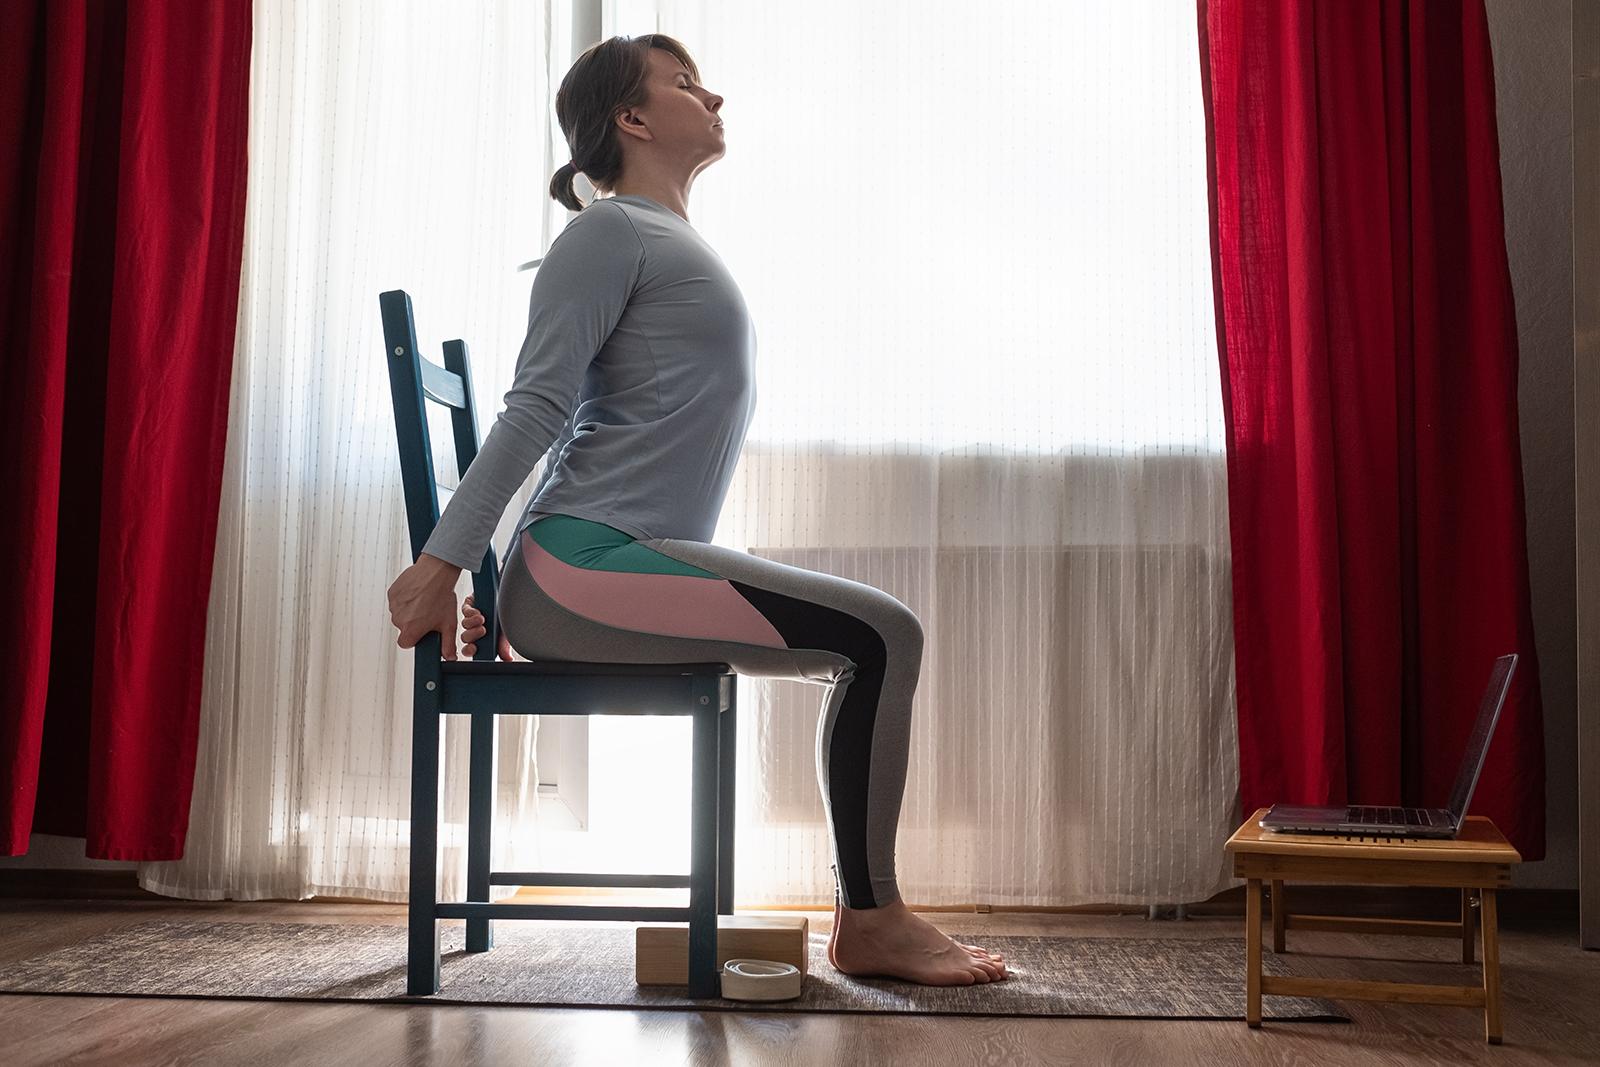 silla yoga gato vaca - mujer haciendo yoga en casa